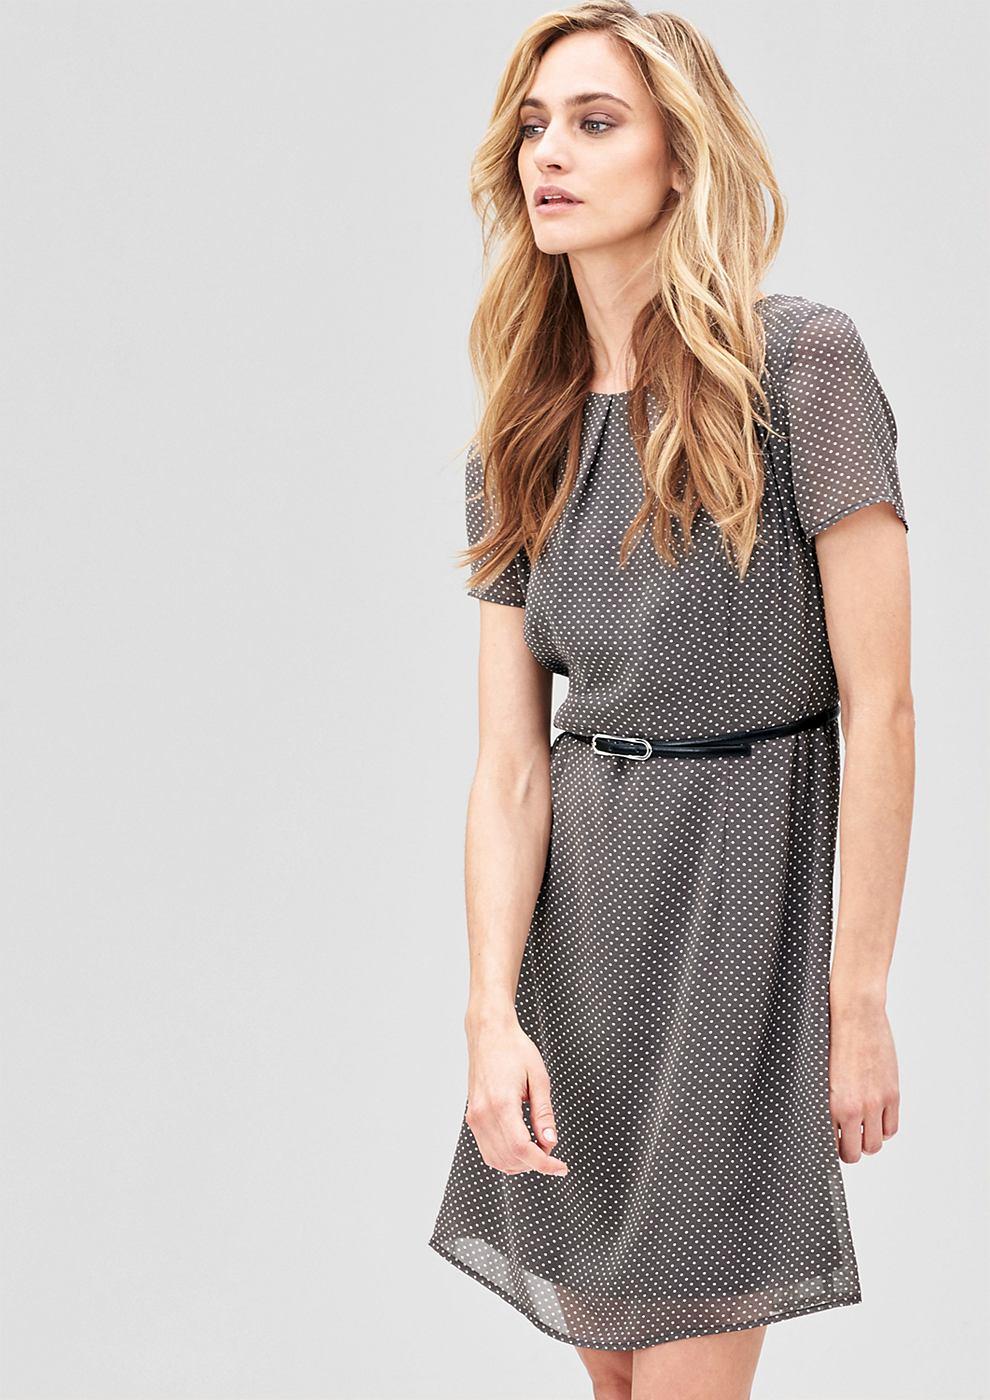 s.Oliver Premium Zwierige jurk met riem grijs